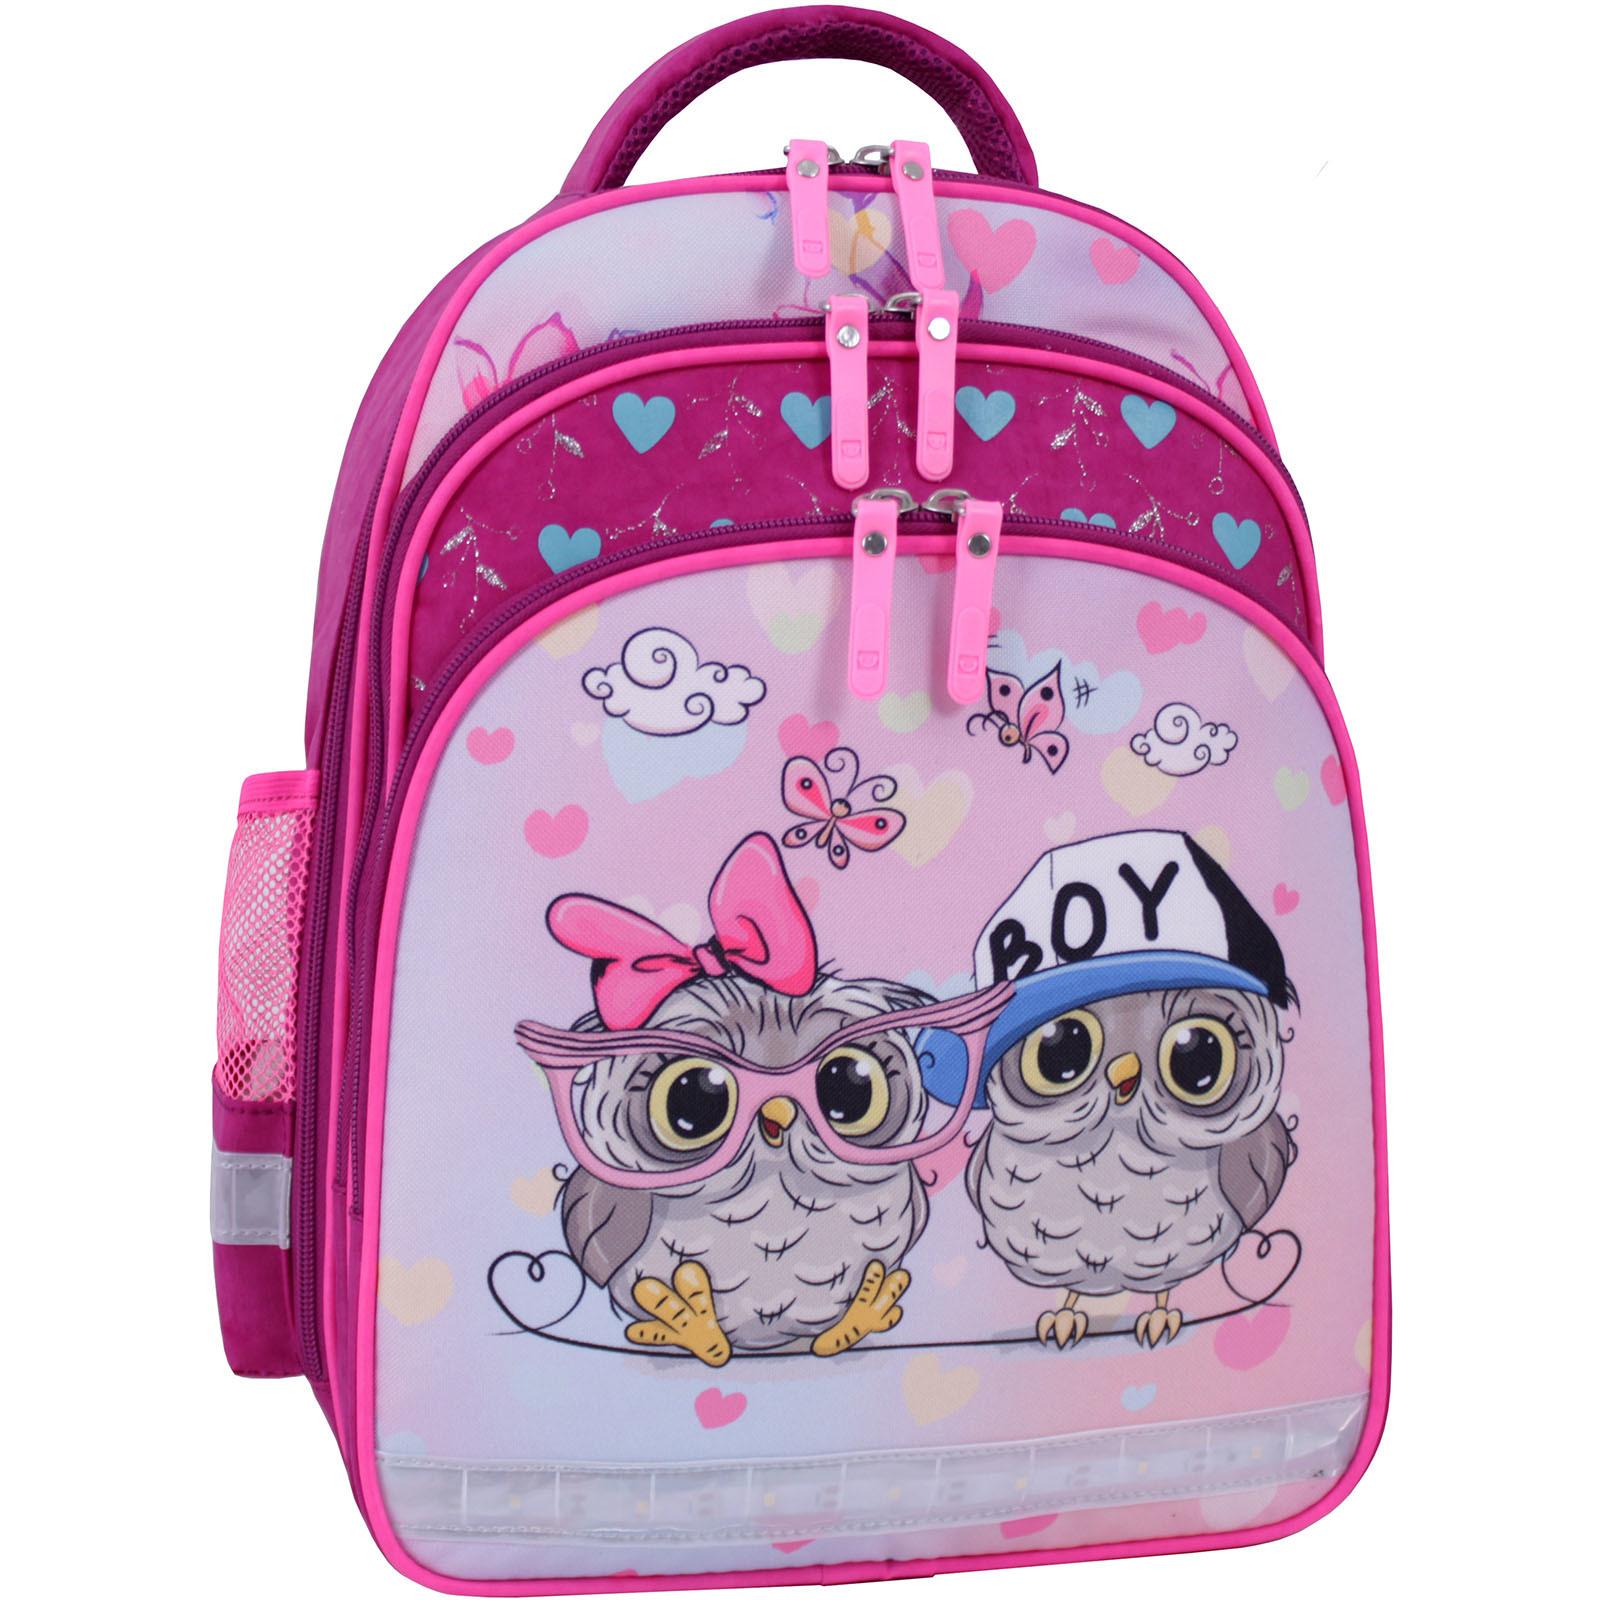 Рюкзак школьный Bagland Mouse 143 малиновый 515 (0051370) фото 1